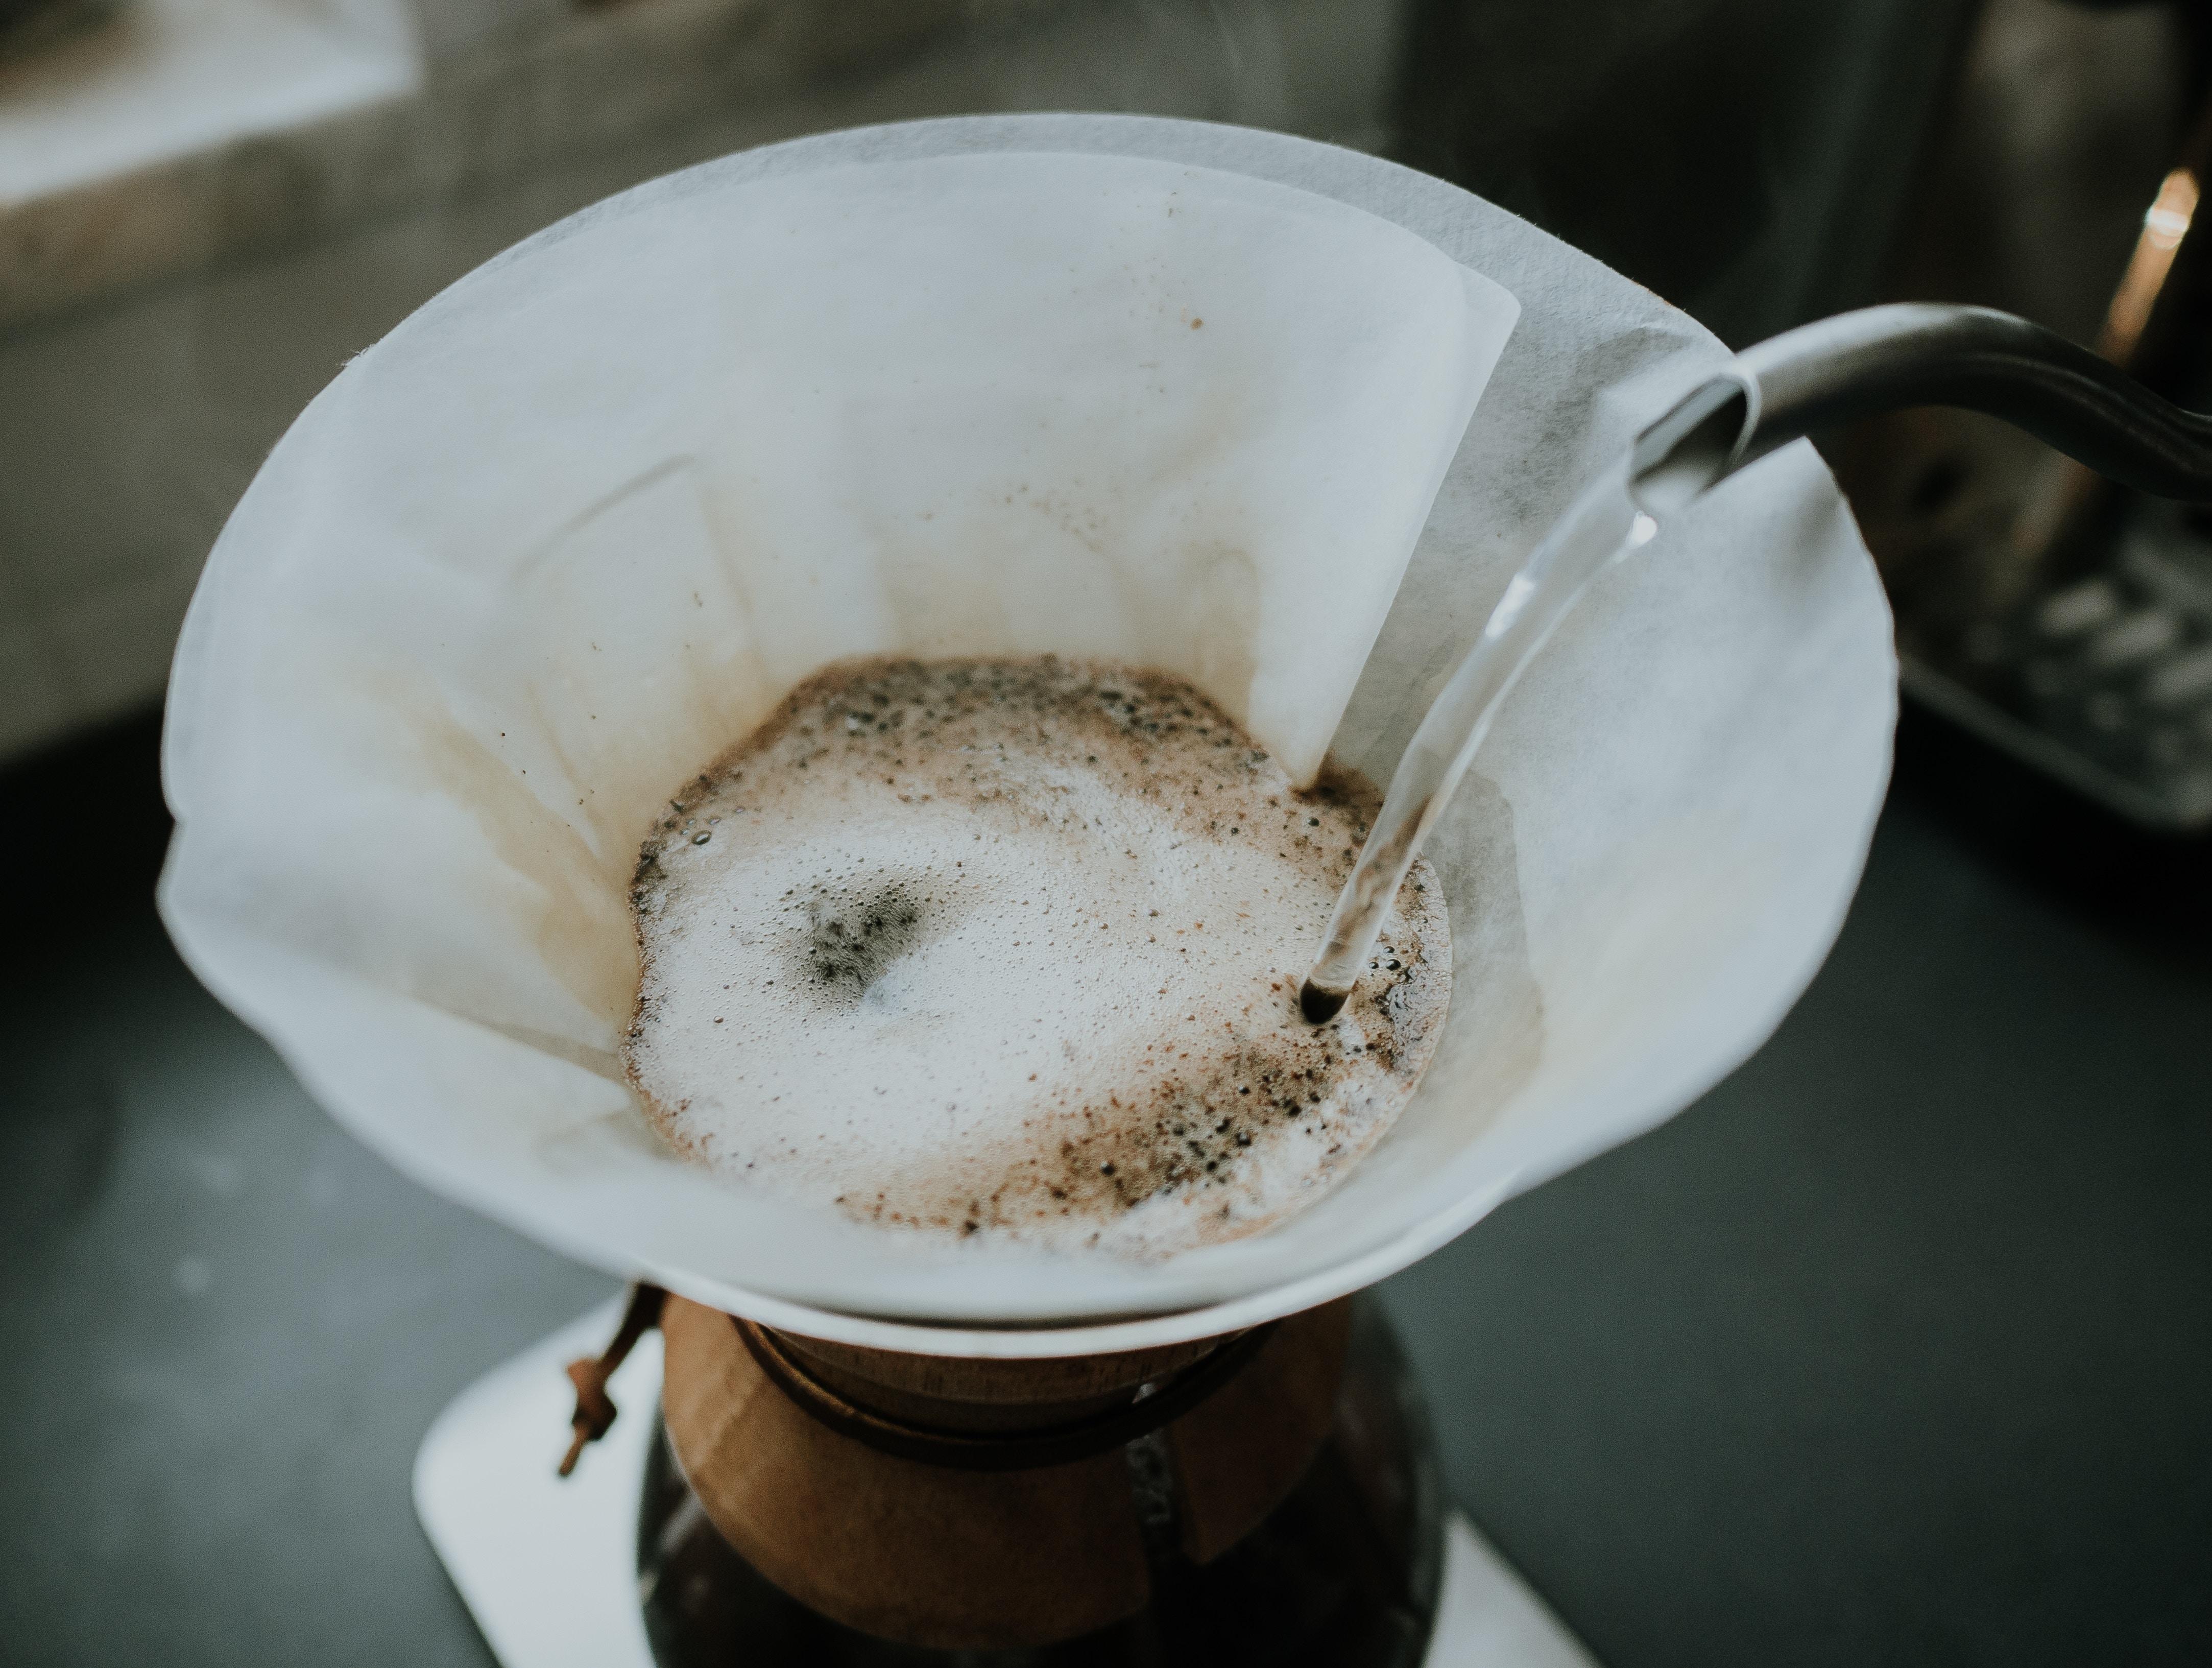 najlepsza kawa do alternatywnych metod